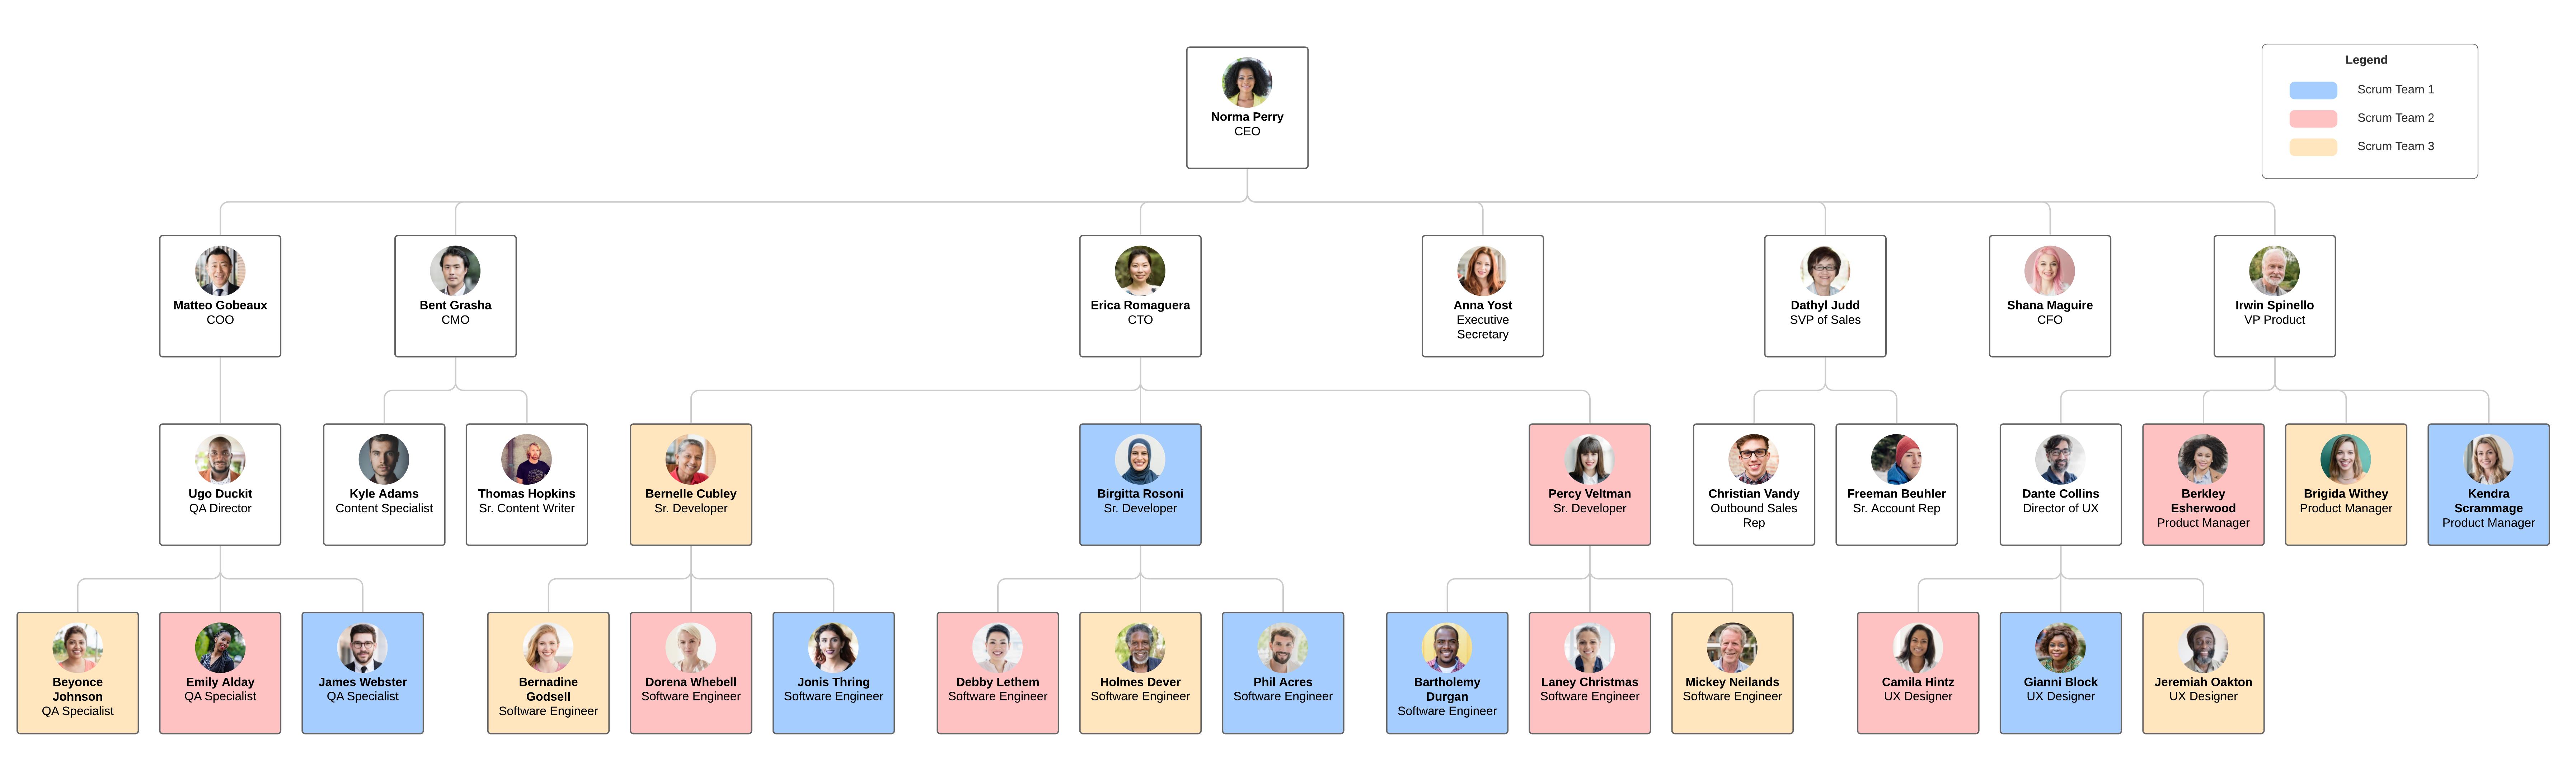 exemple d'organigramme basé sur l'équipe